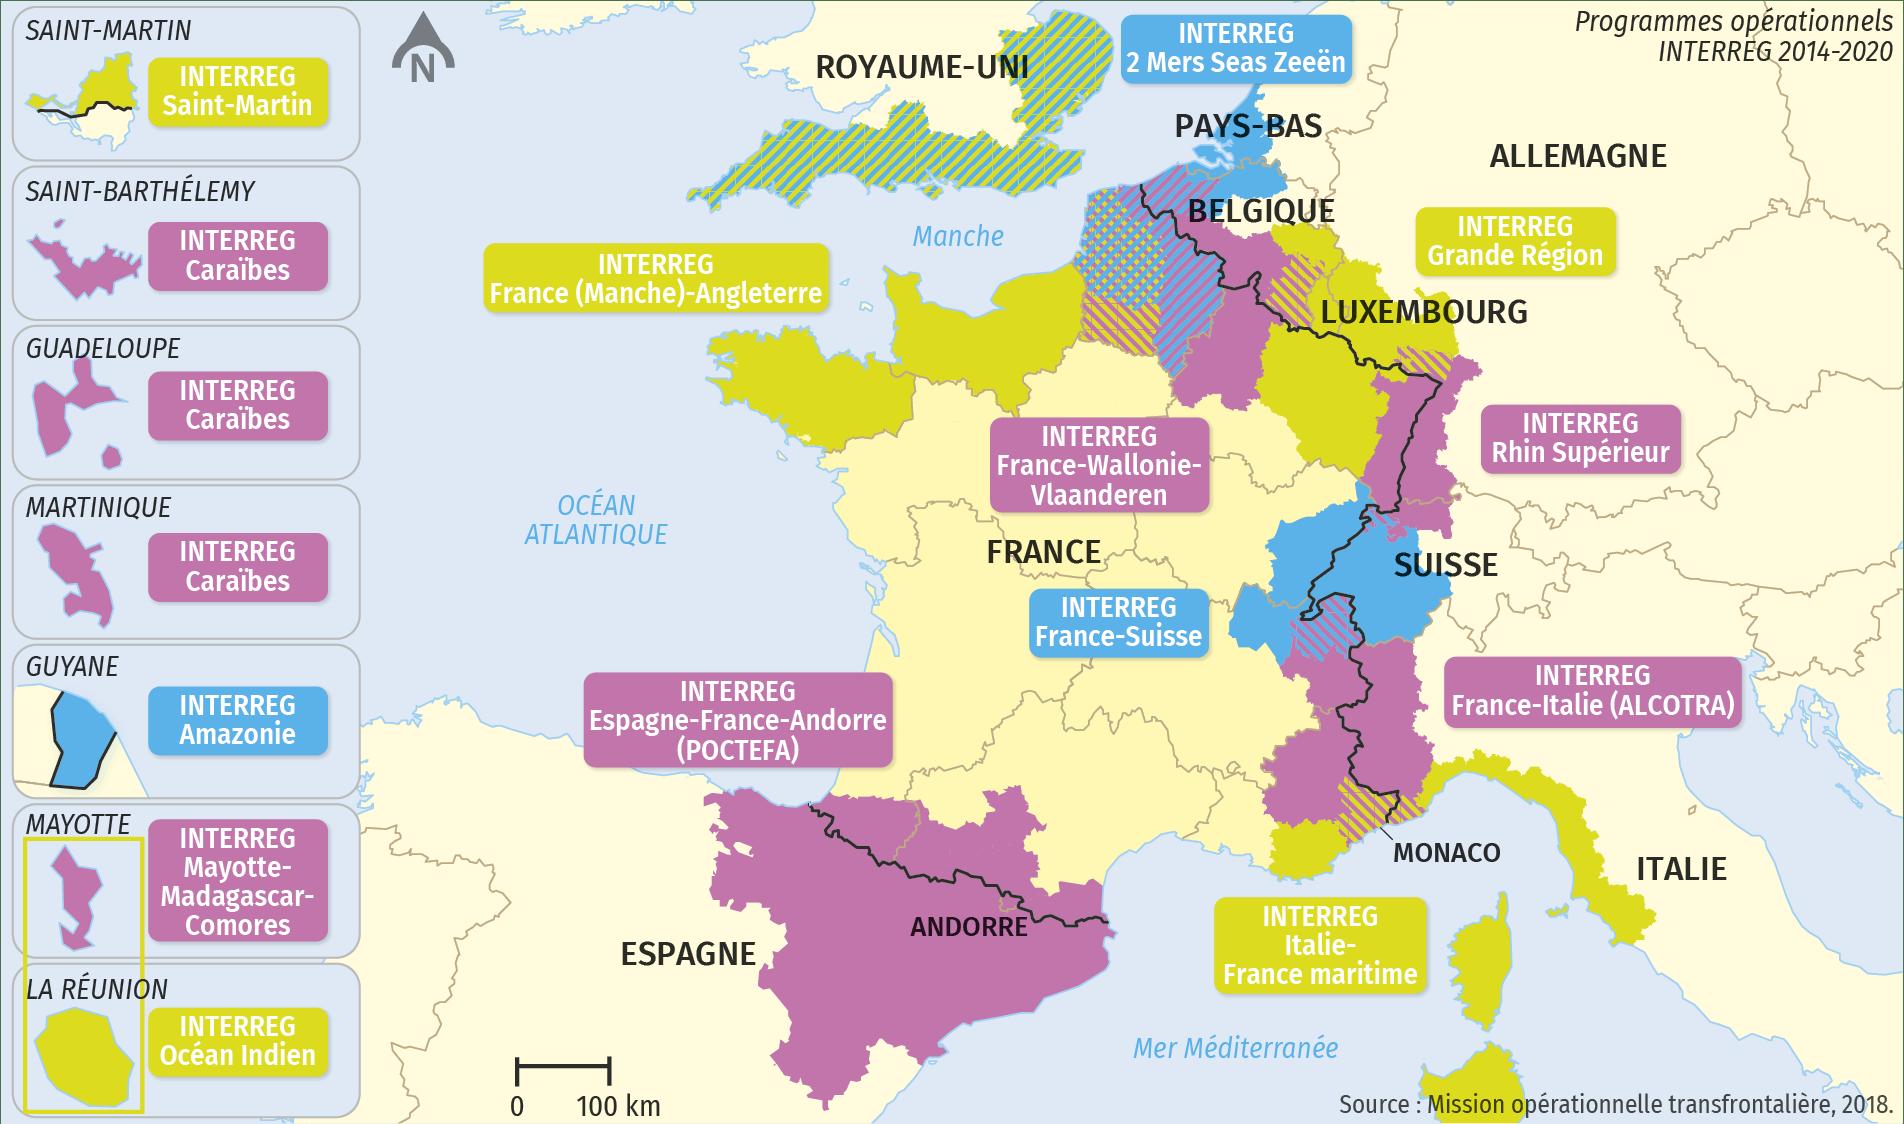 Les programmes INTERREG en France